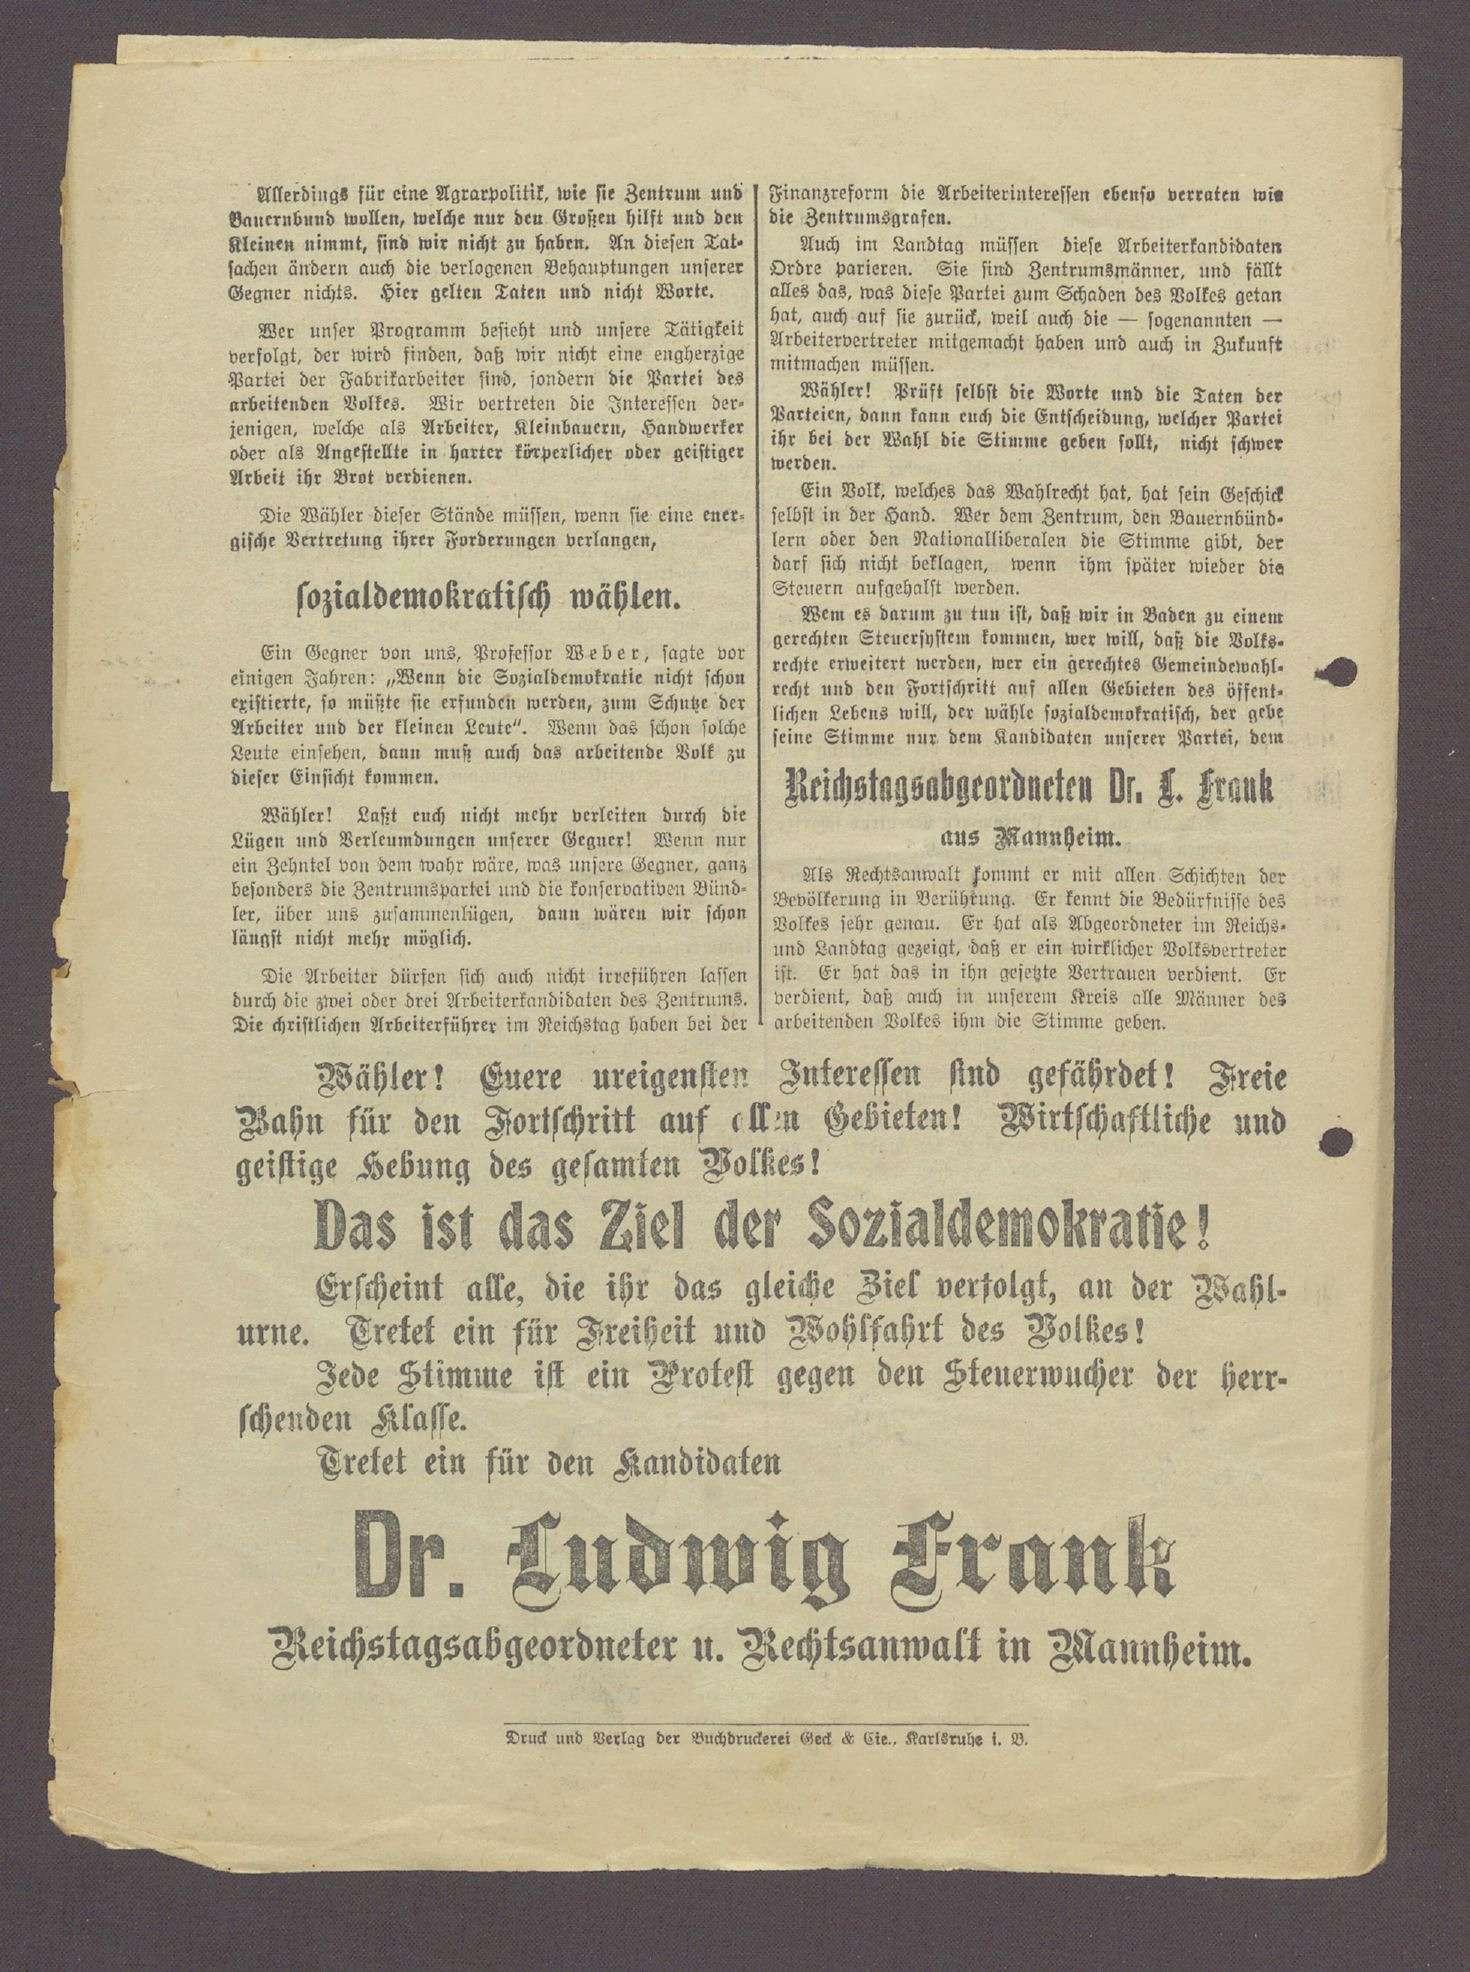 """Flugblatt: """"Landtagswähler! Nur noch wenige Tage...Wählt sozialdemokratisch..."""", Sozialdemokratische Partei, Dr. Ludwig Frank, Buchdruckerei Geck und Gie, Mannheim, Bild 3"""